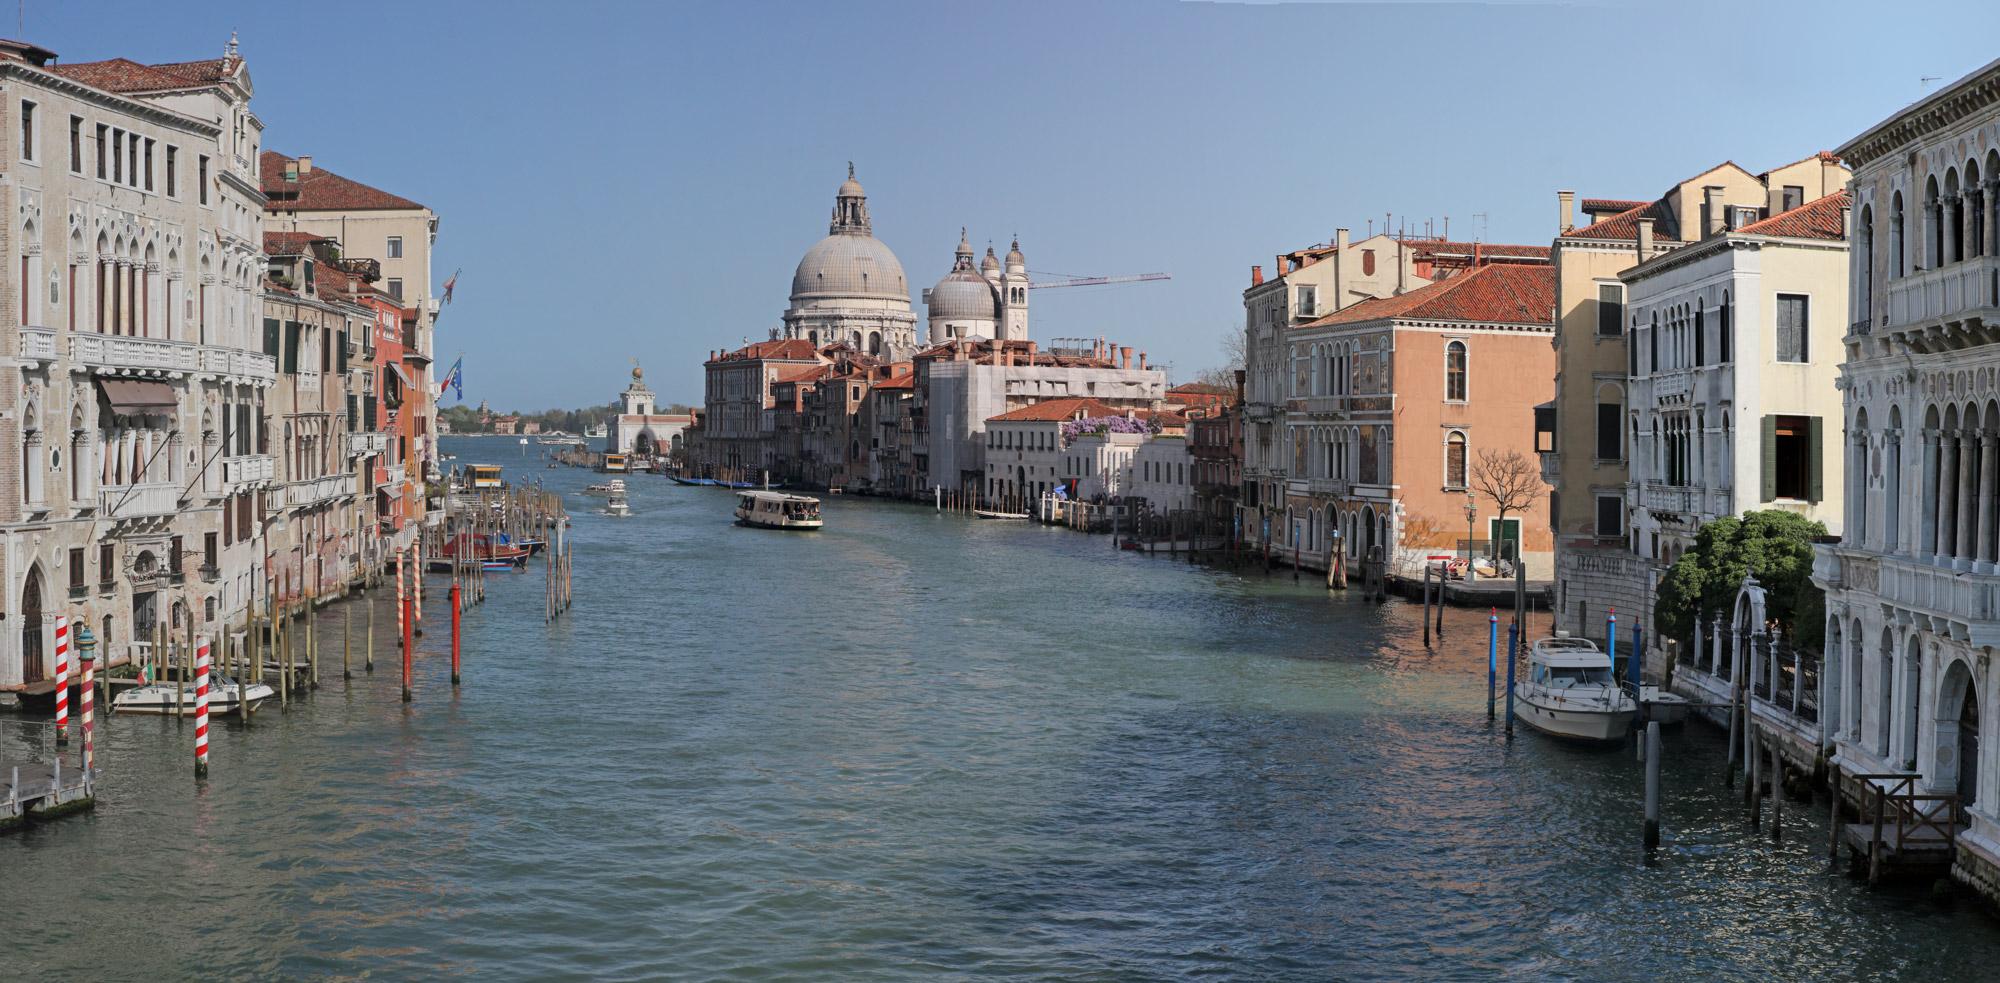 деятельность хочу в венецию картинки час